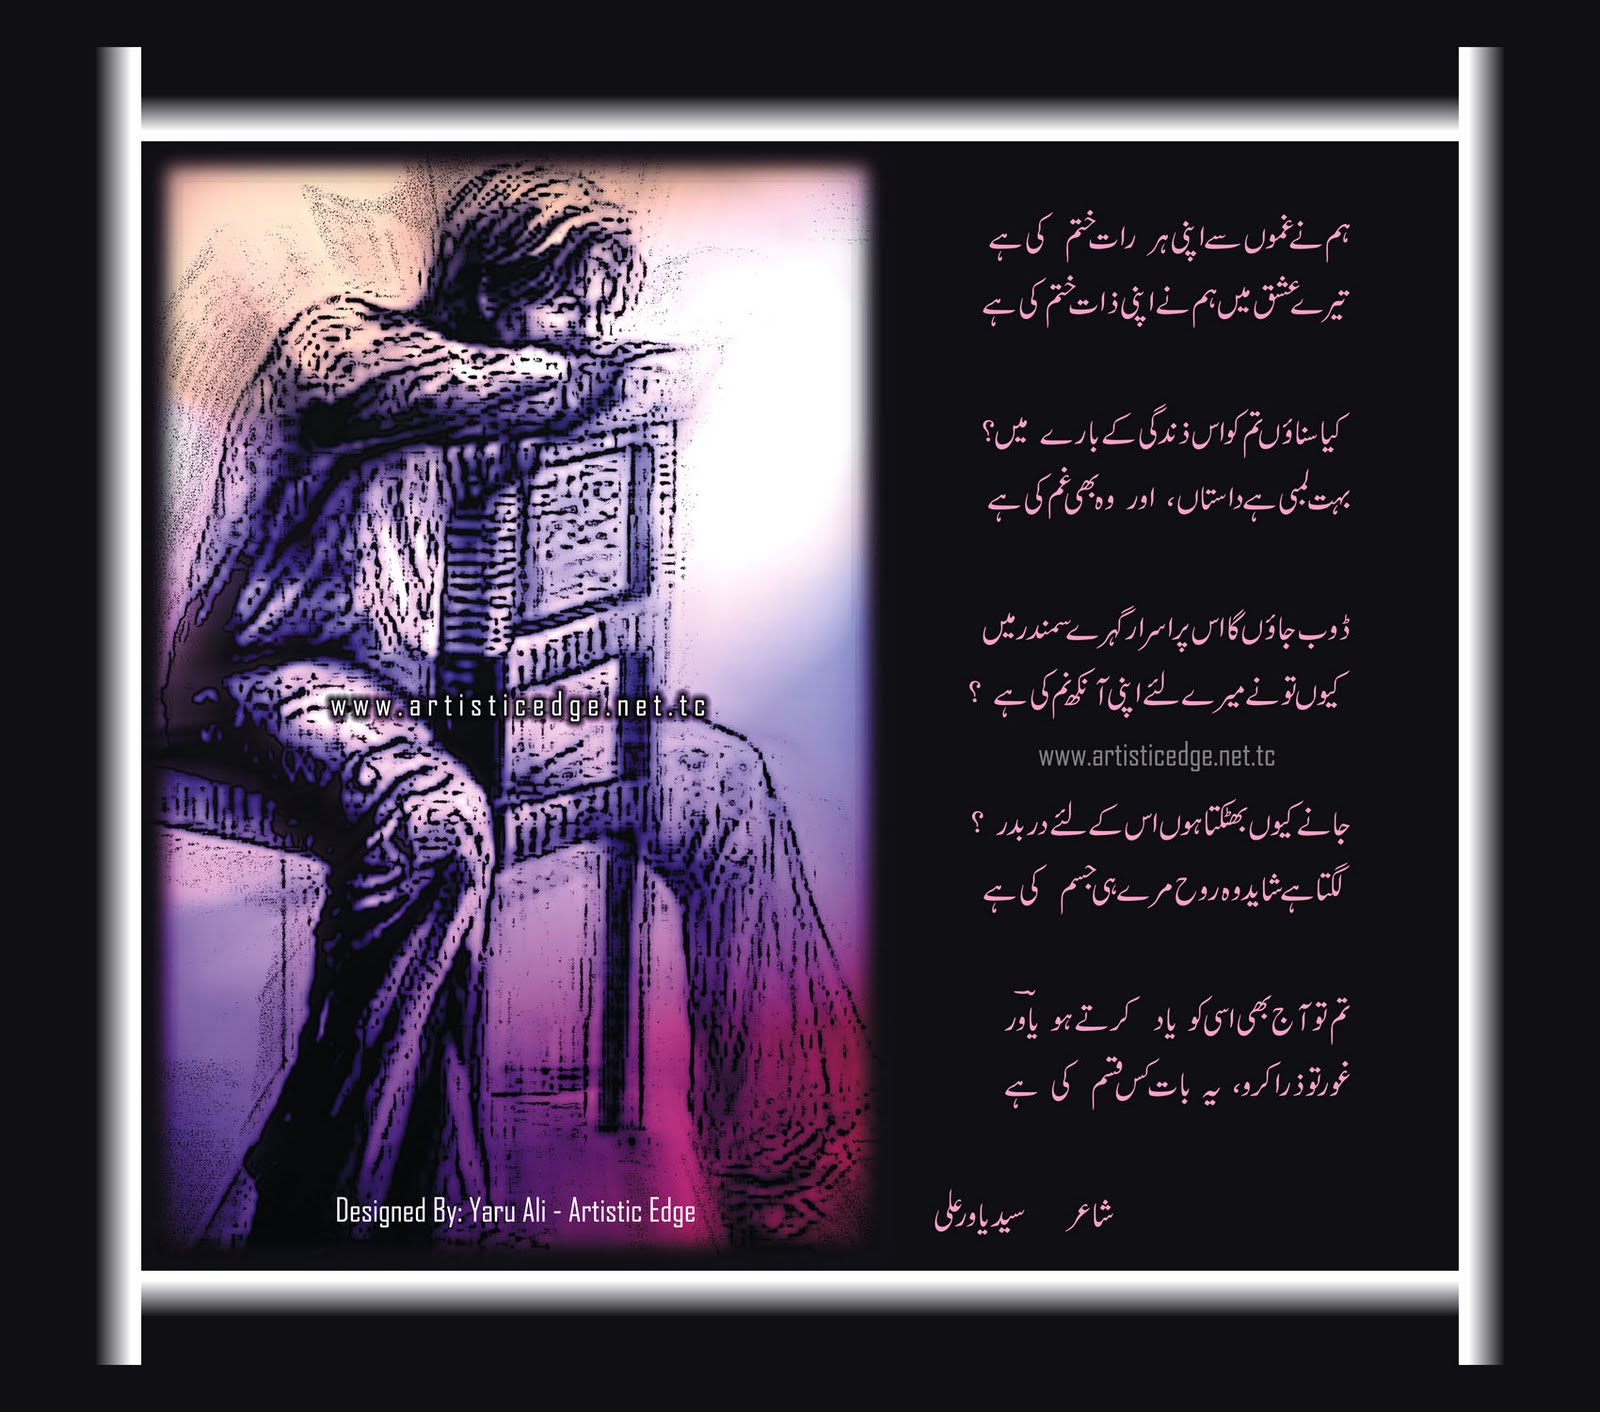 http://2.bp.blogspot.com/-SYRj3xRRymU/TiaxTF4BHpI/AAAAAAAAAUU/mGa5D0NFZa4/s1600/Urdu%2BPoetry%2BImages.jpg